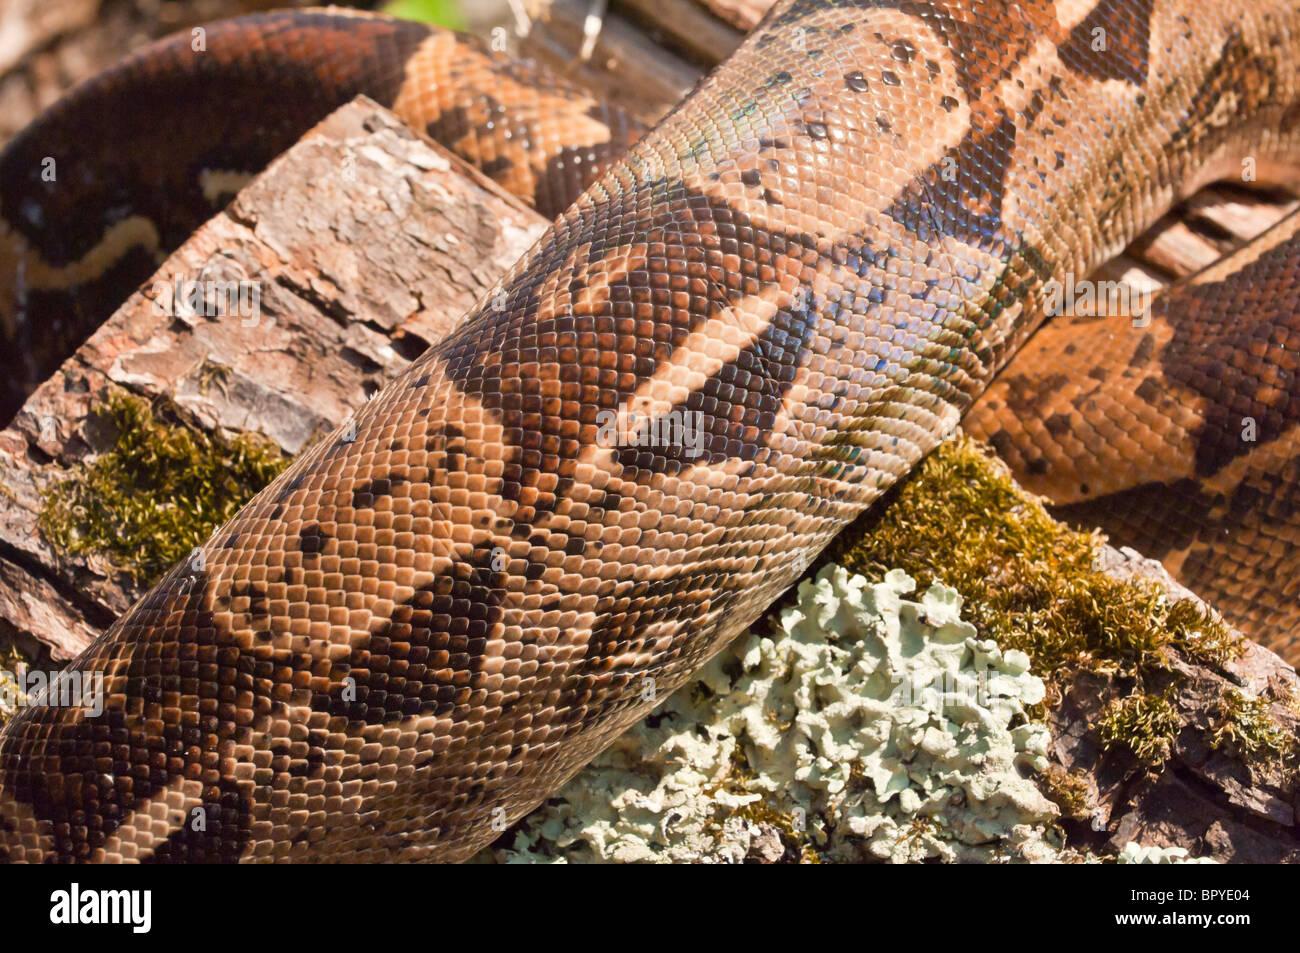 Boa Constrictor Imperator Stock Photos & Boa Constrictor